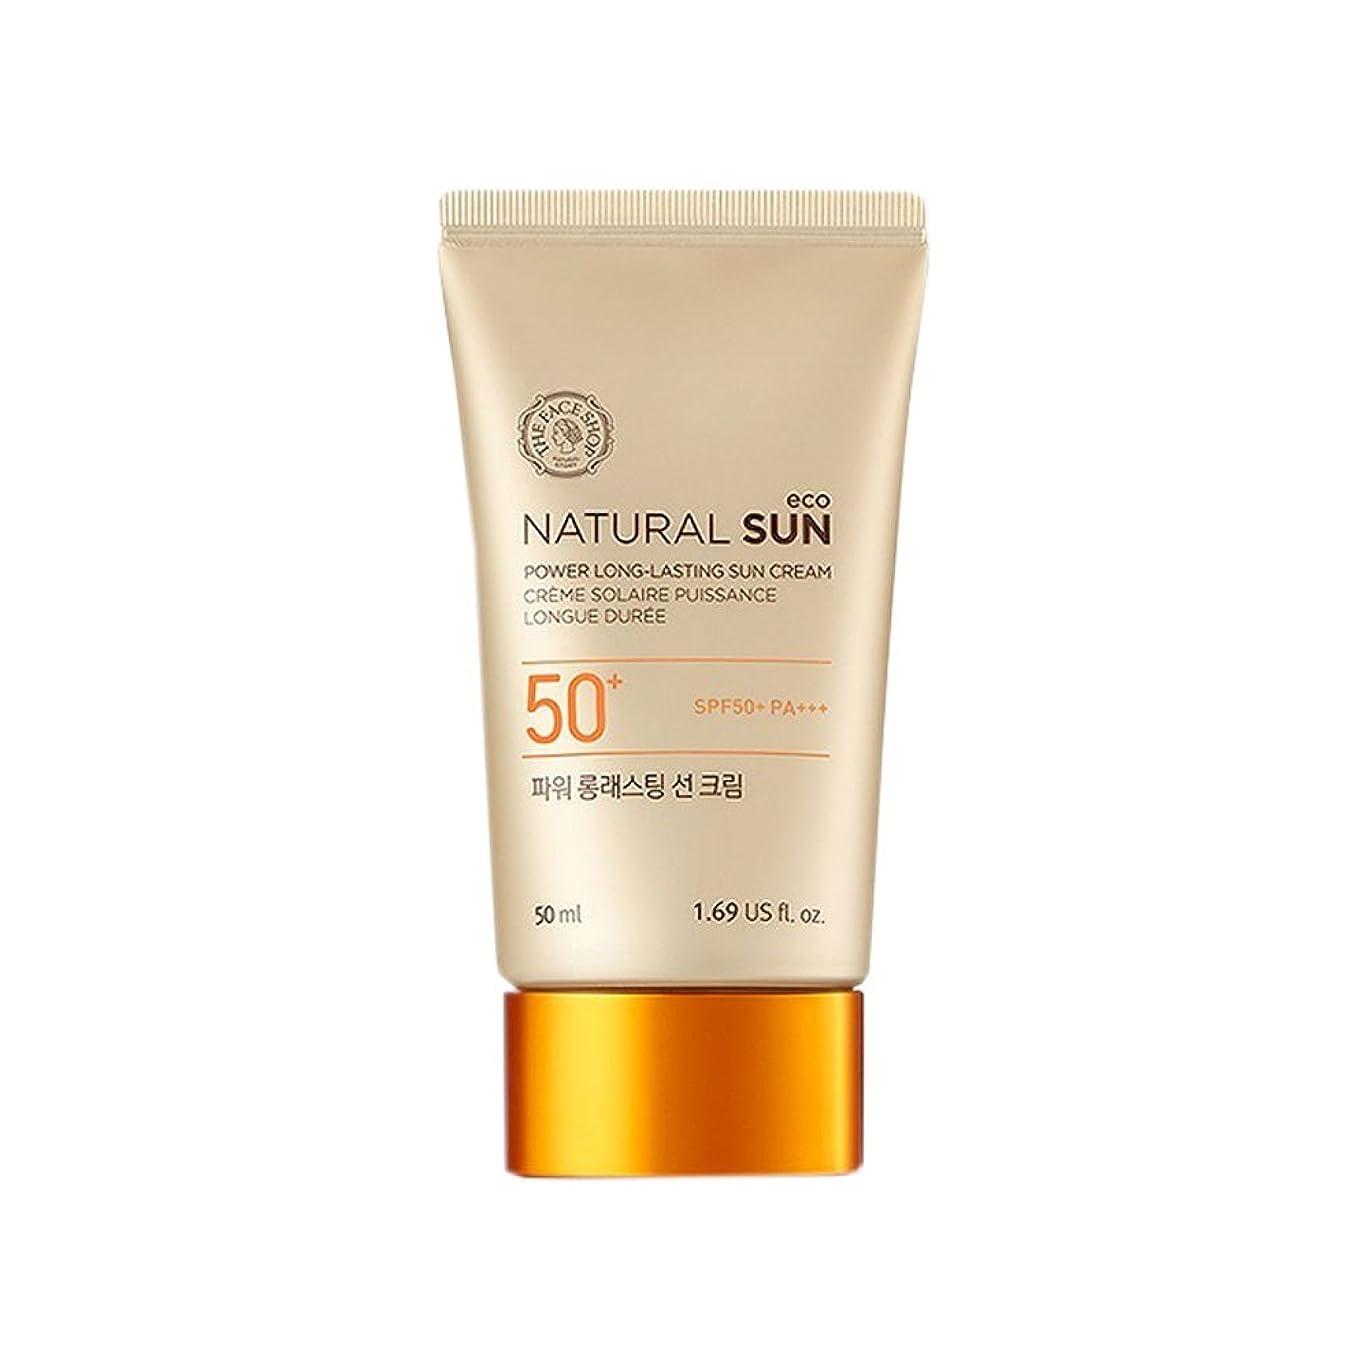 望遠鏡砂利モノグラフ[ザ?フェイスショップ] The Face Shop ナチュラルサン エコ パワー ロングラスティング サン クリーム SPF50+PA+++50ml The Face Shop Natural Sun Eco Power Long-Lasting Sun SPF50+PA+++50ml [海外直送品]